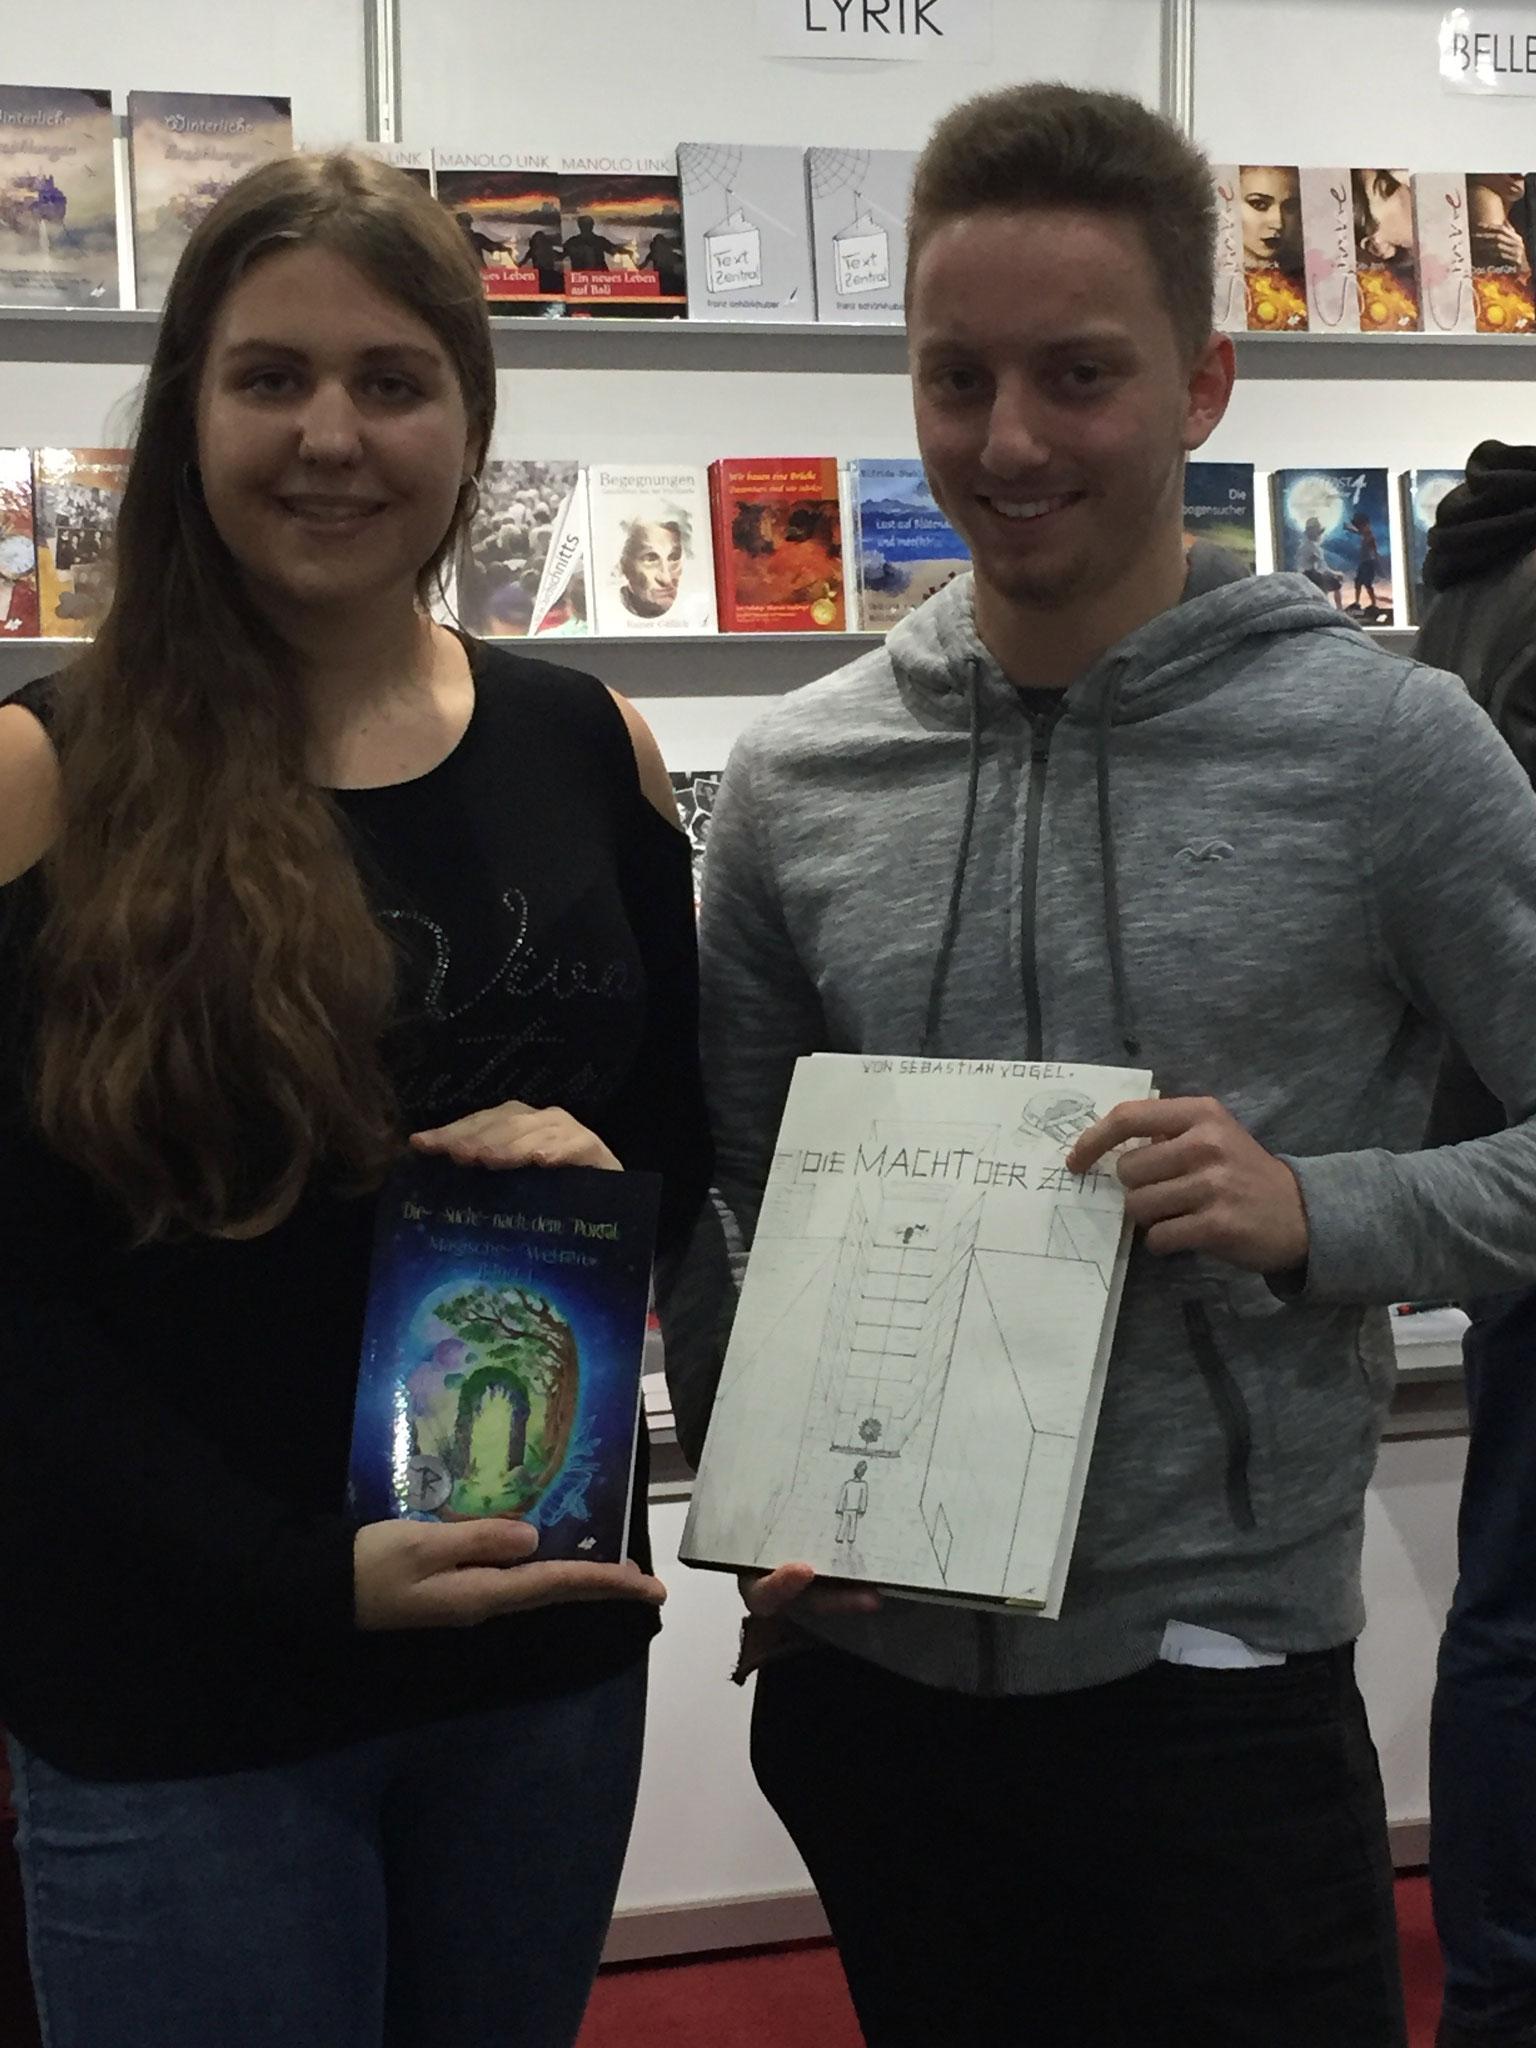 Marion Fuchs mit 'Auf der Suche nach dem Magischen Portal' und ein angehender Autor mit seinem Manuskript